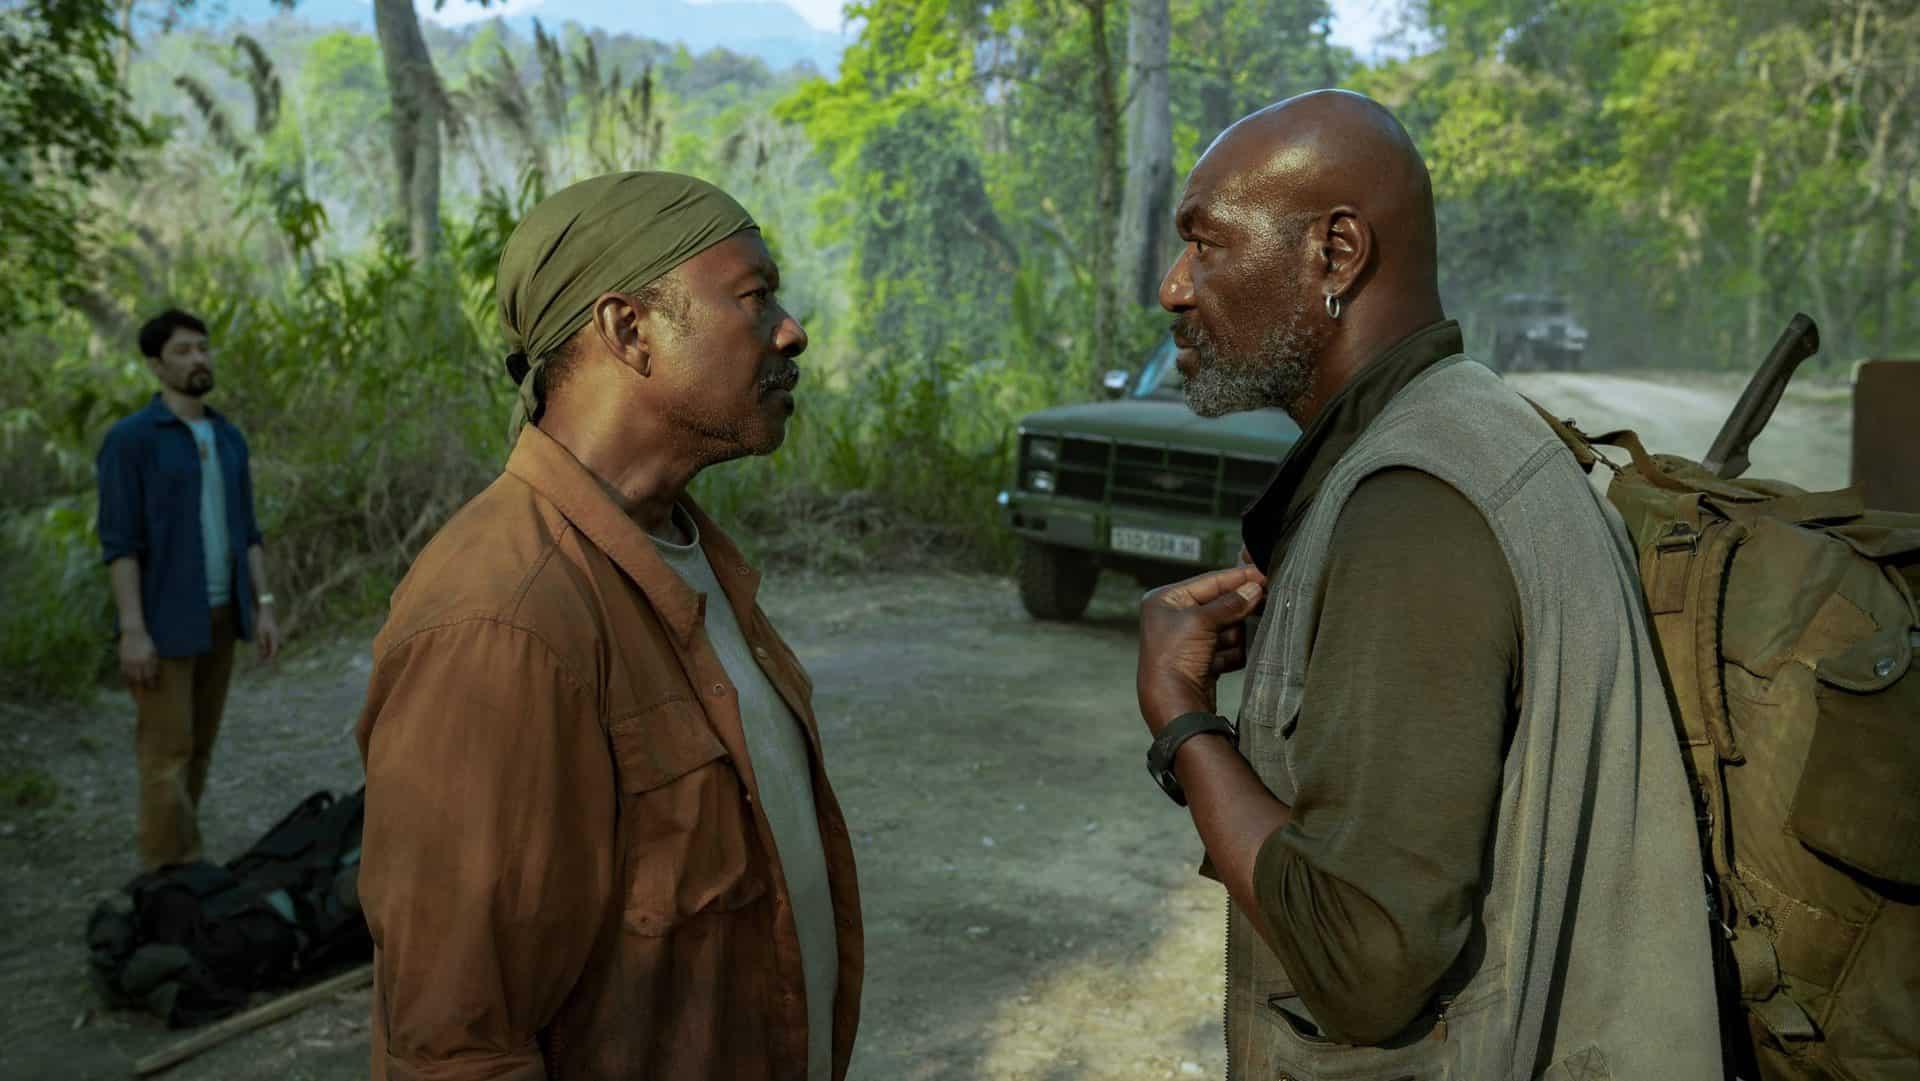 Da 5 Bloods recensione del film con Chadwick Boseman